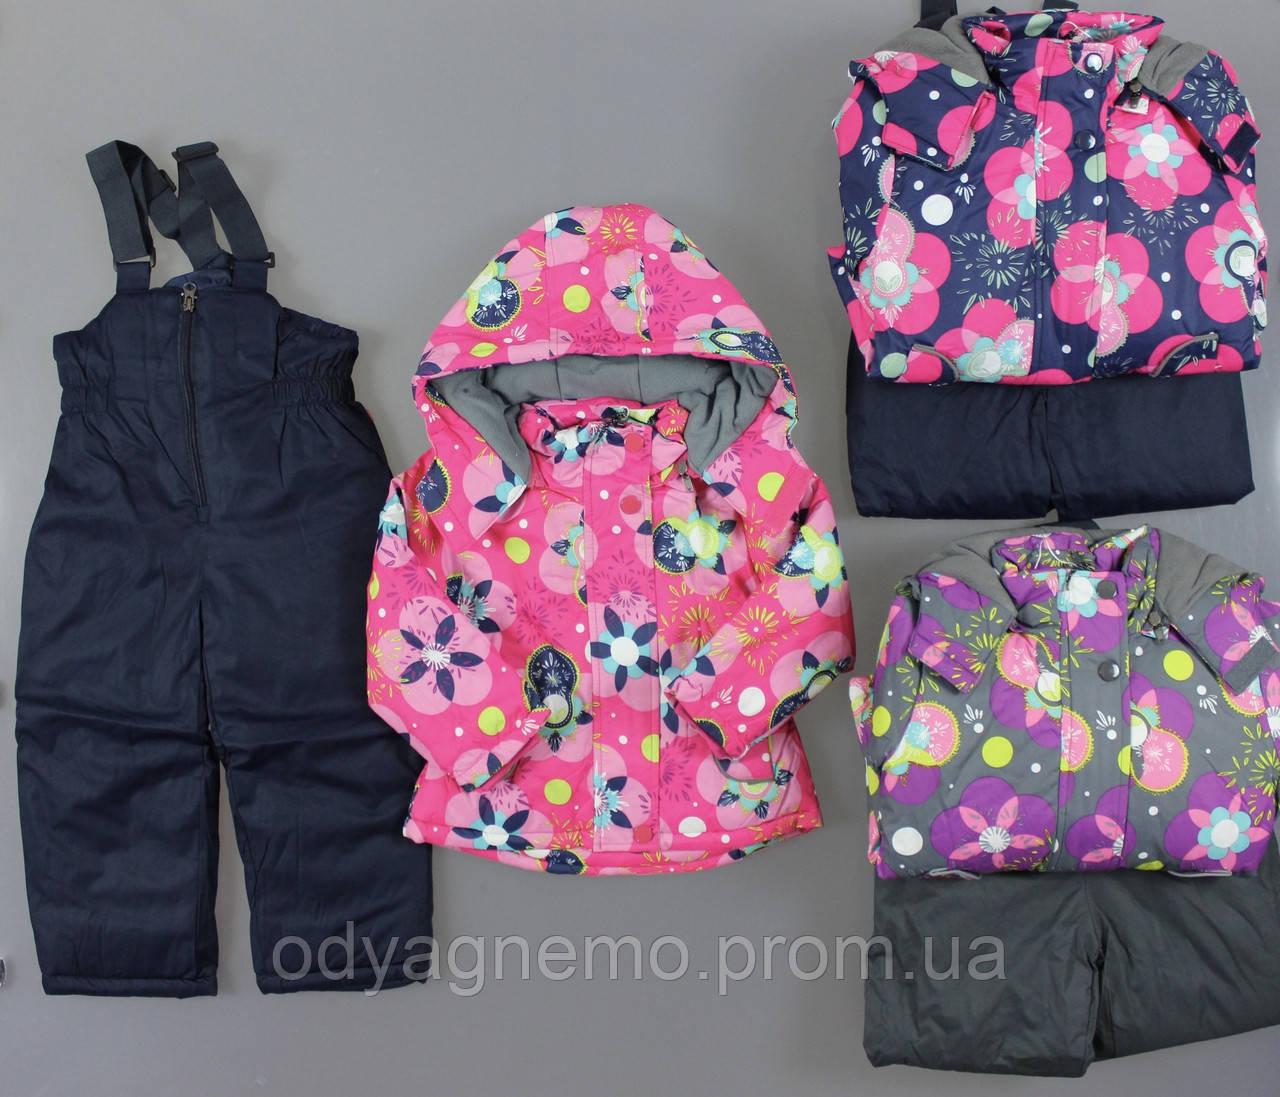 Куртка+комбінезон утеплені для дівчаток 98-128 рр.Taurus.Артикул: DL639